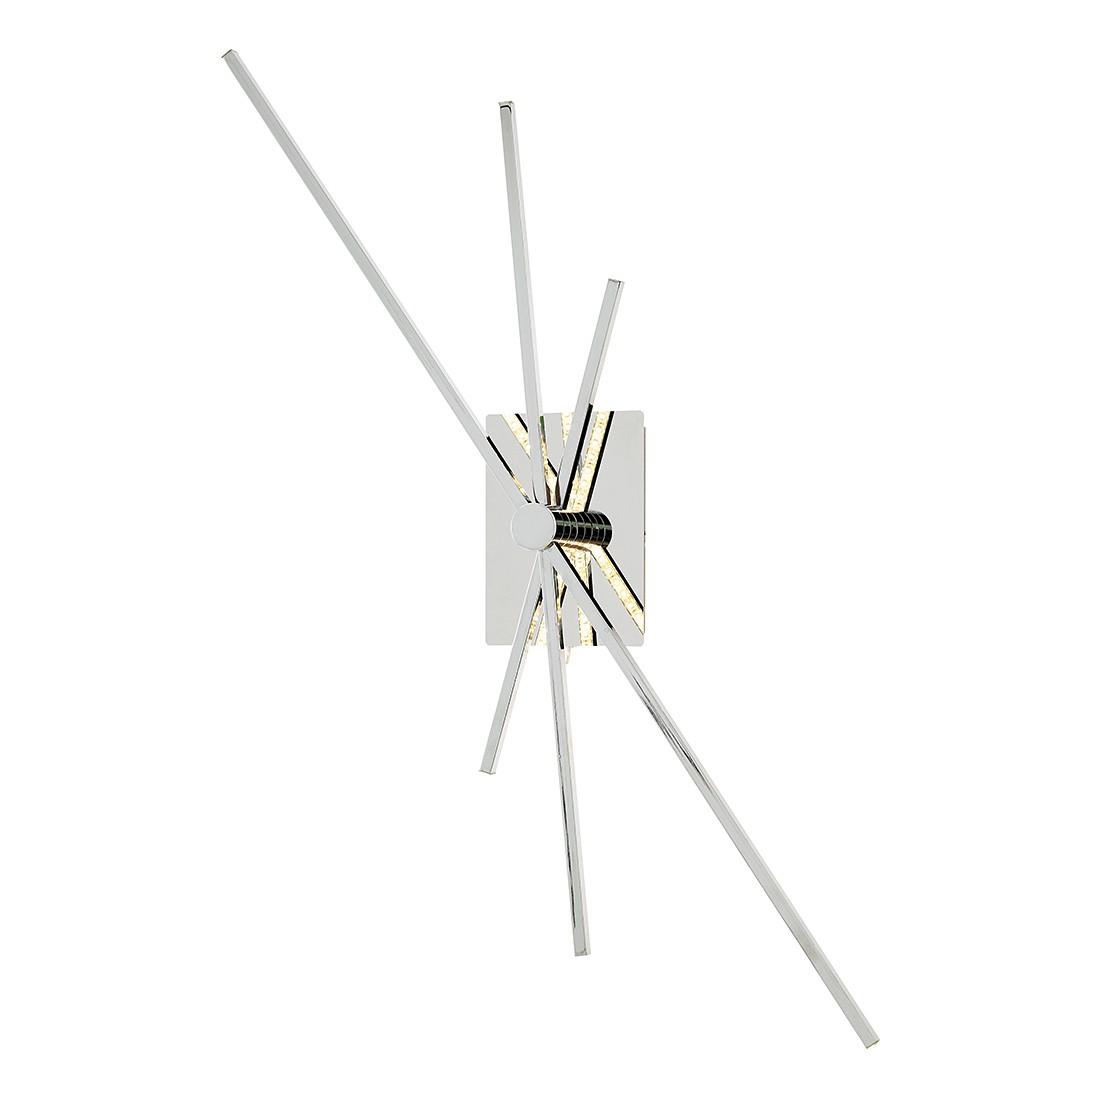 EEK A+, Wandleuchte ORBIT – Metall – Silber – 3-flammig, Wofi bestellen